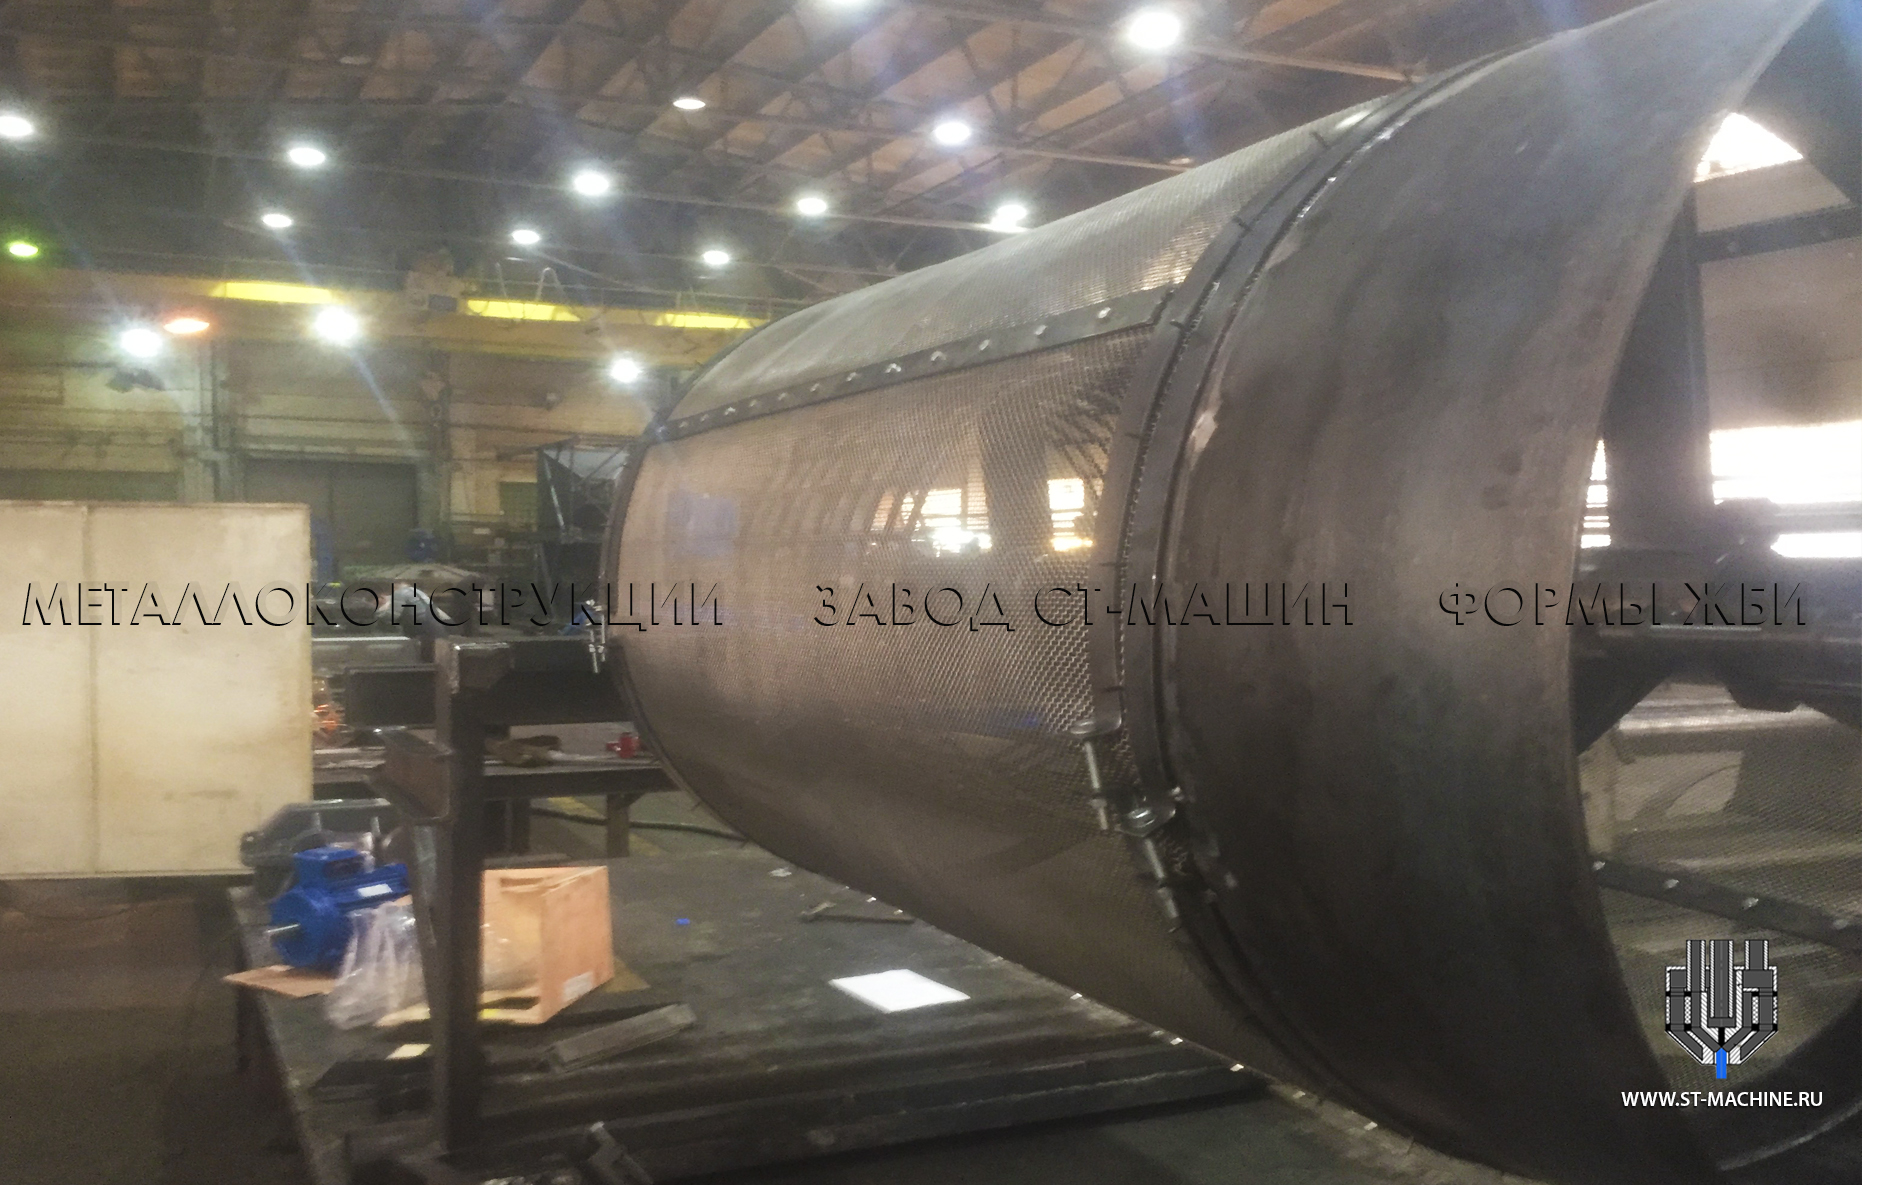 st-machine-ru-peskoseyatelnui-komplex-пескосеятельный-комплекс-изготовление-завод-балашиха-металлоконструкции.jpg